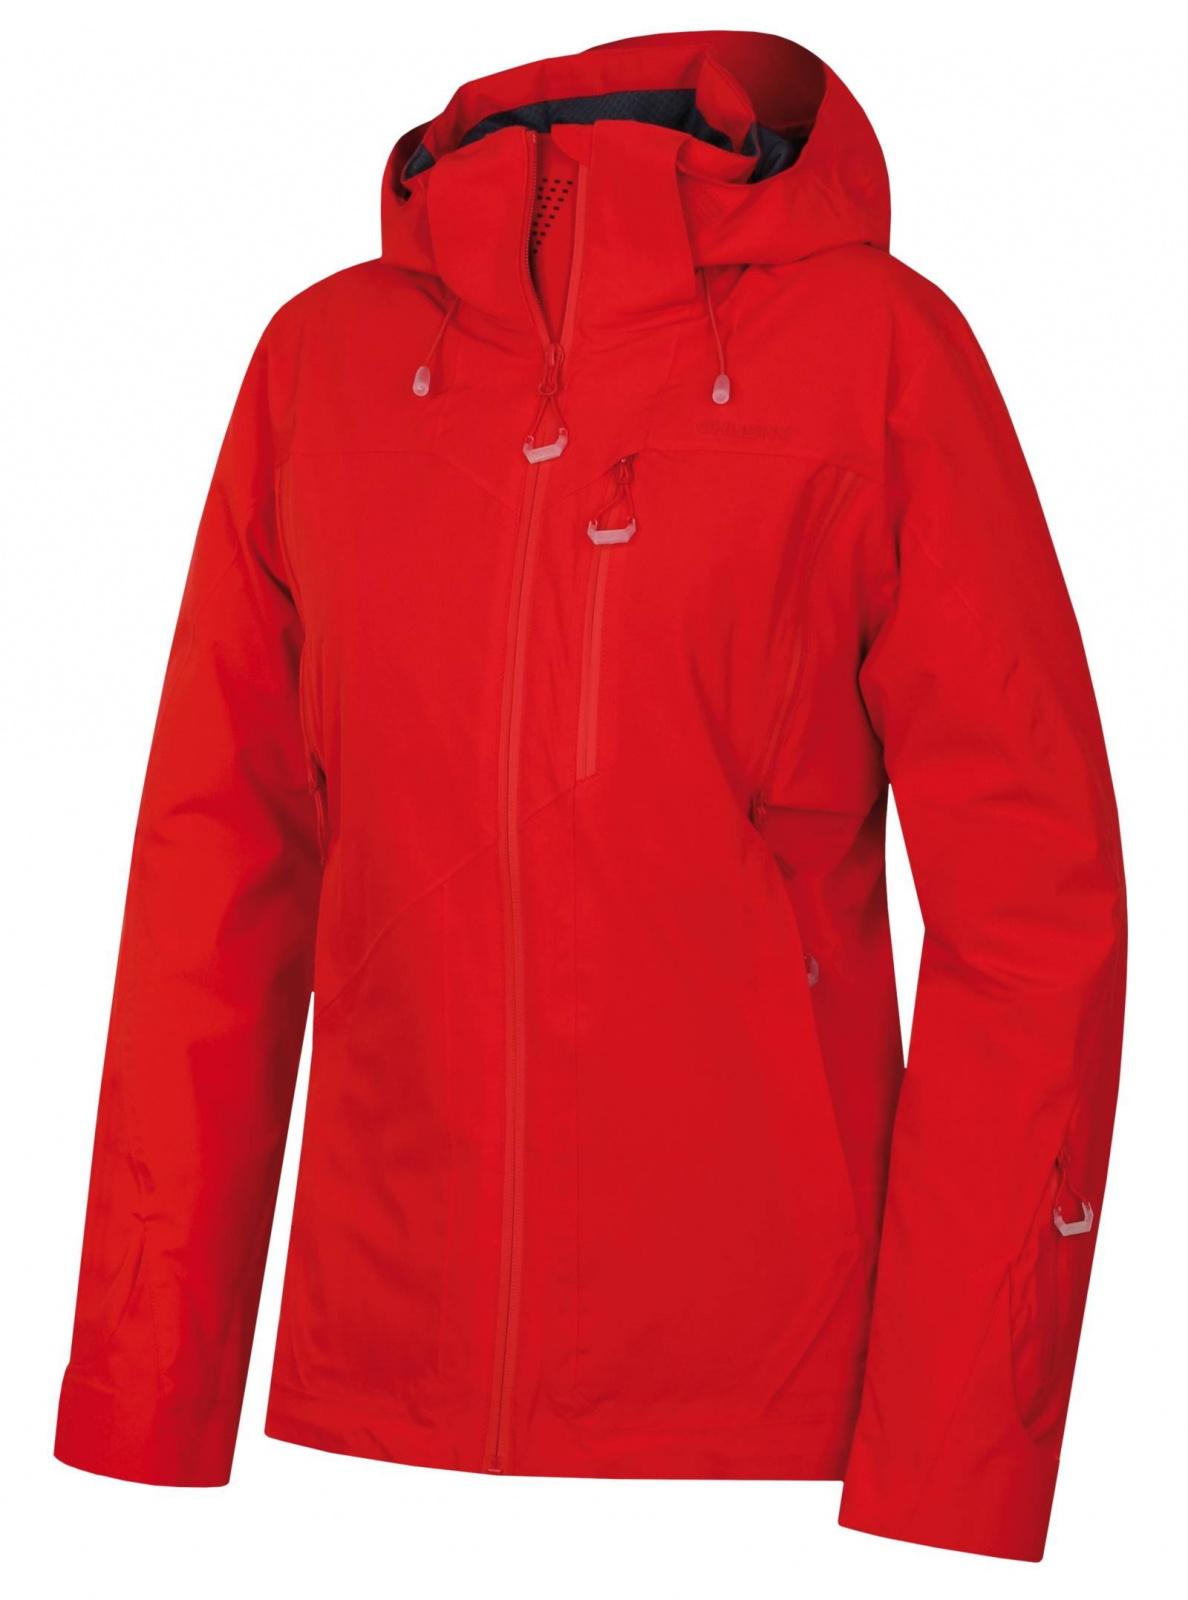 Husky Montry L červená, XL Dámska hardshell plnená bunda